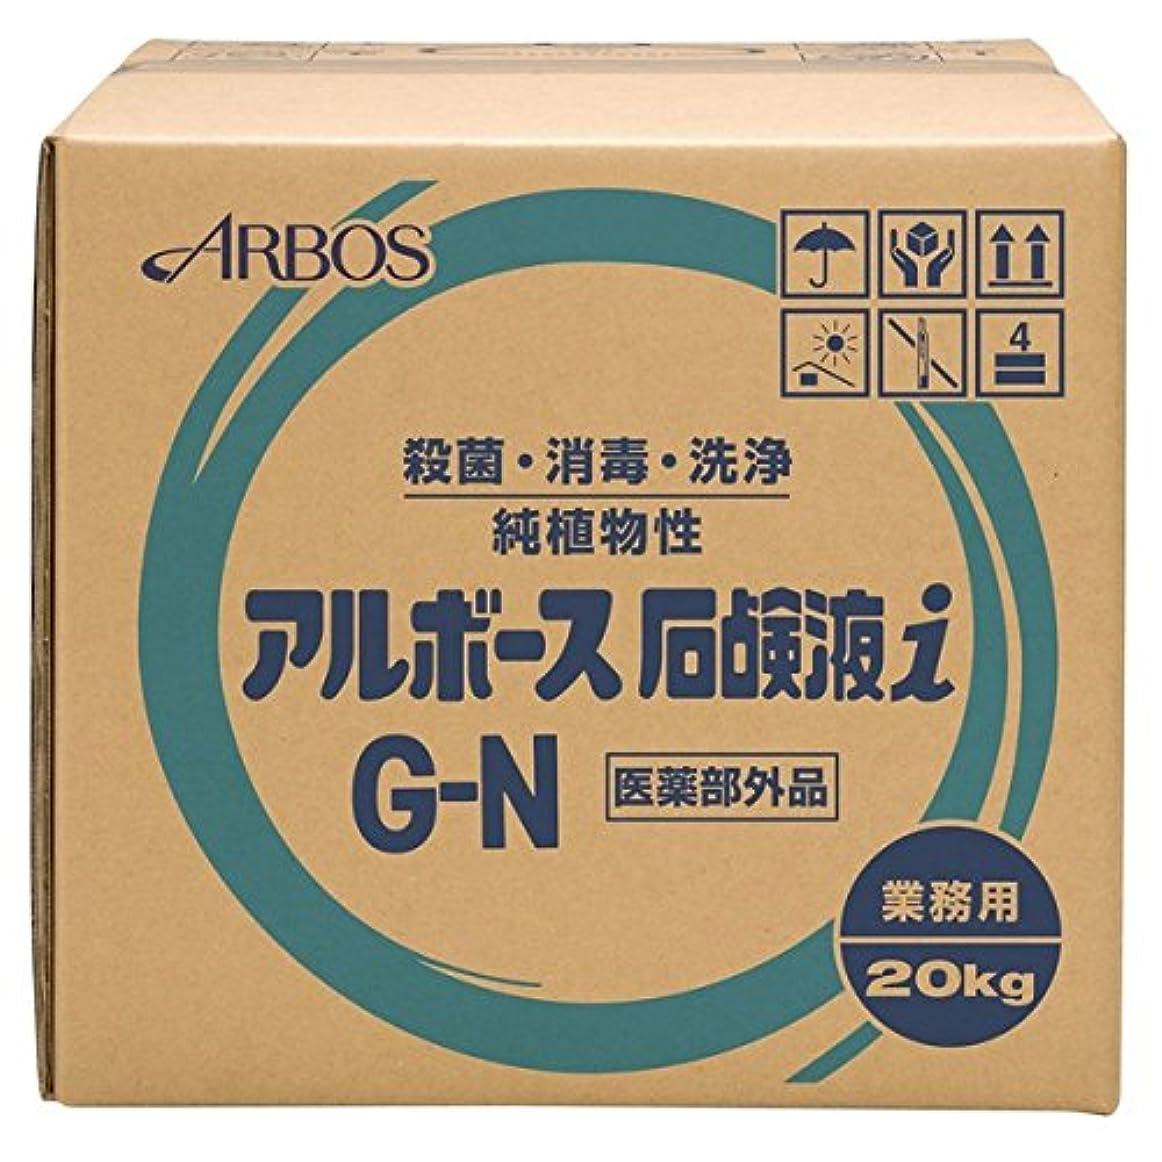 フィードバックメディカル市区町村アルボース 薬用ハンドソープ アルボース石鹸液i G-N 濃縮タイプ 20kg